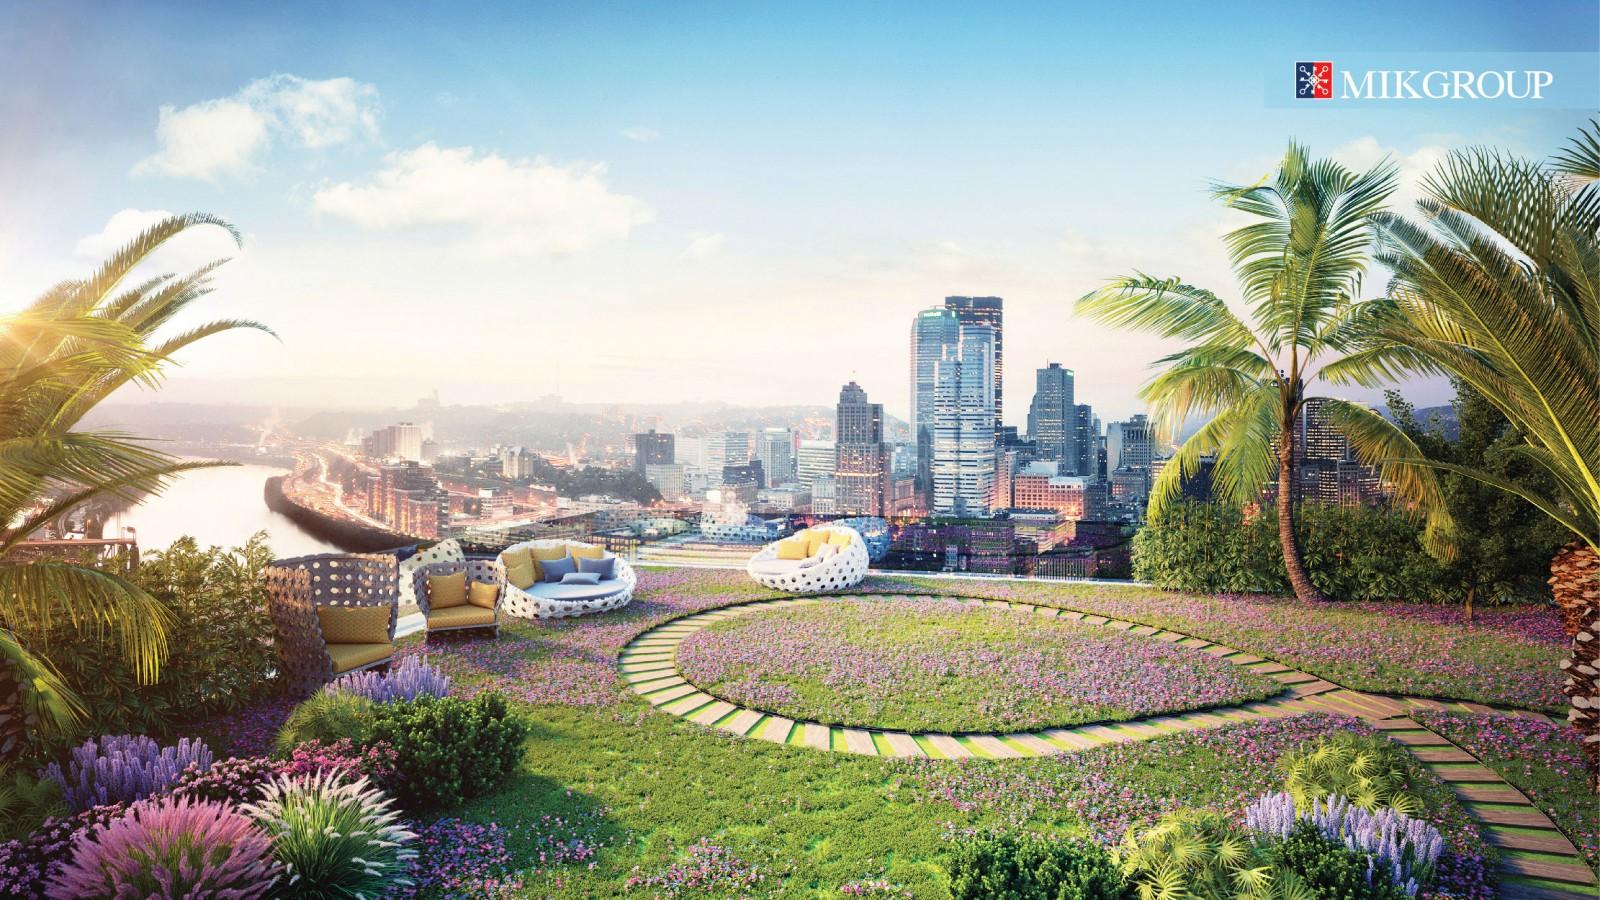 Imperia Sky Garden của MIKGroup từng được Dot Property trao giải thưởng Dự án xanh tốt nhất Việt Nam tháng 6/2017.